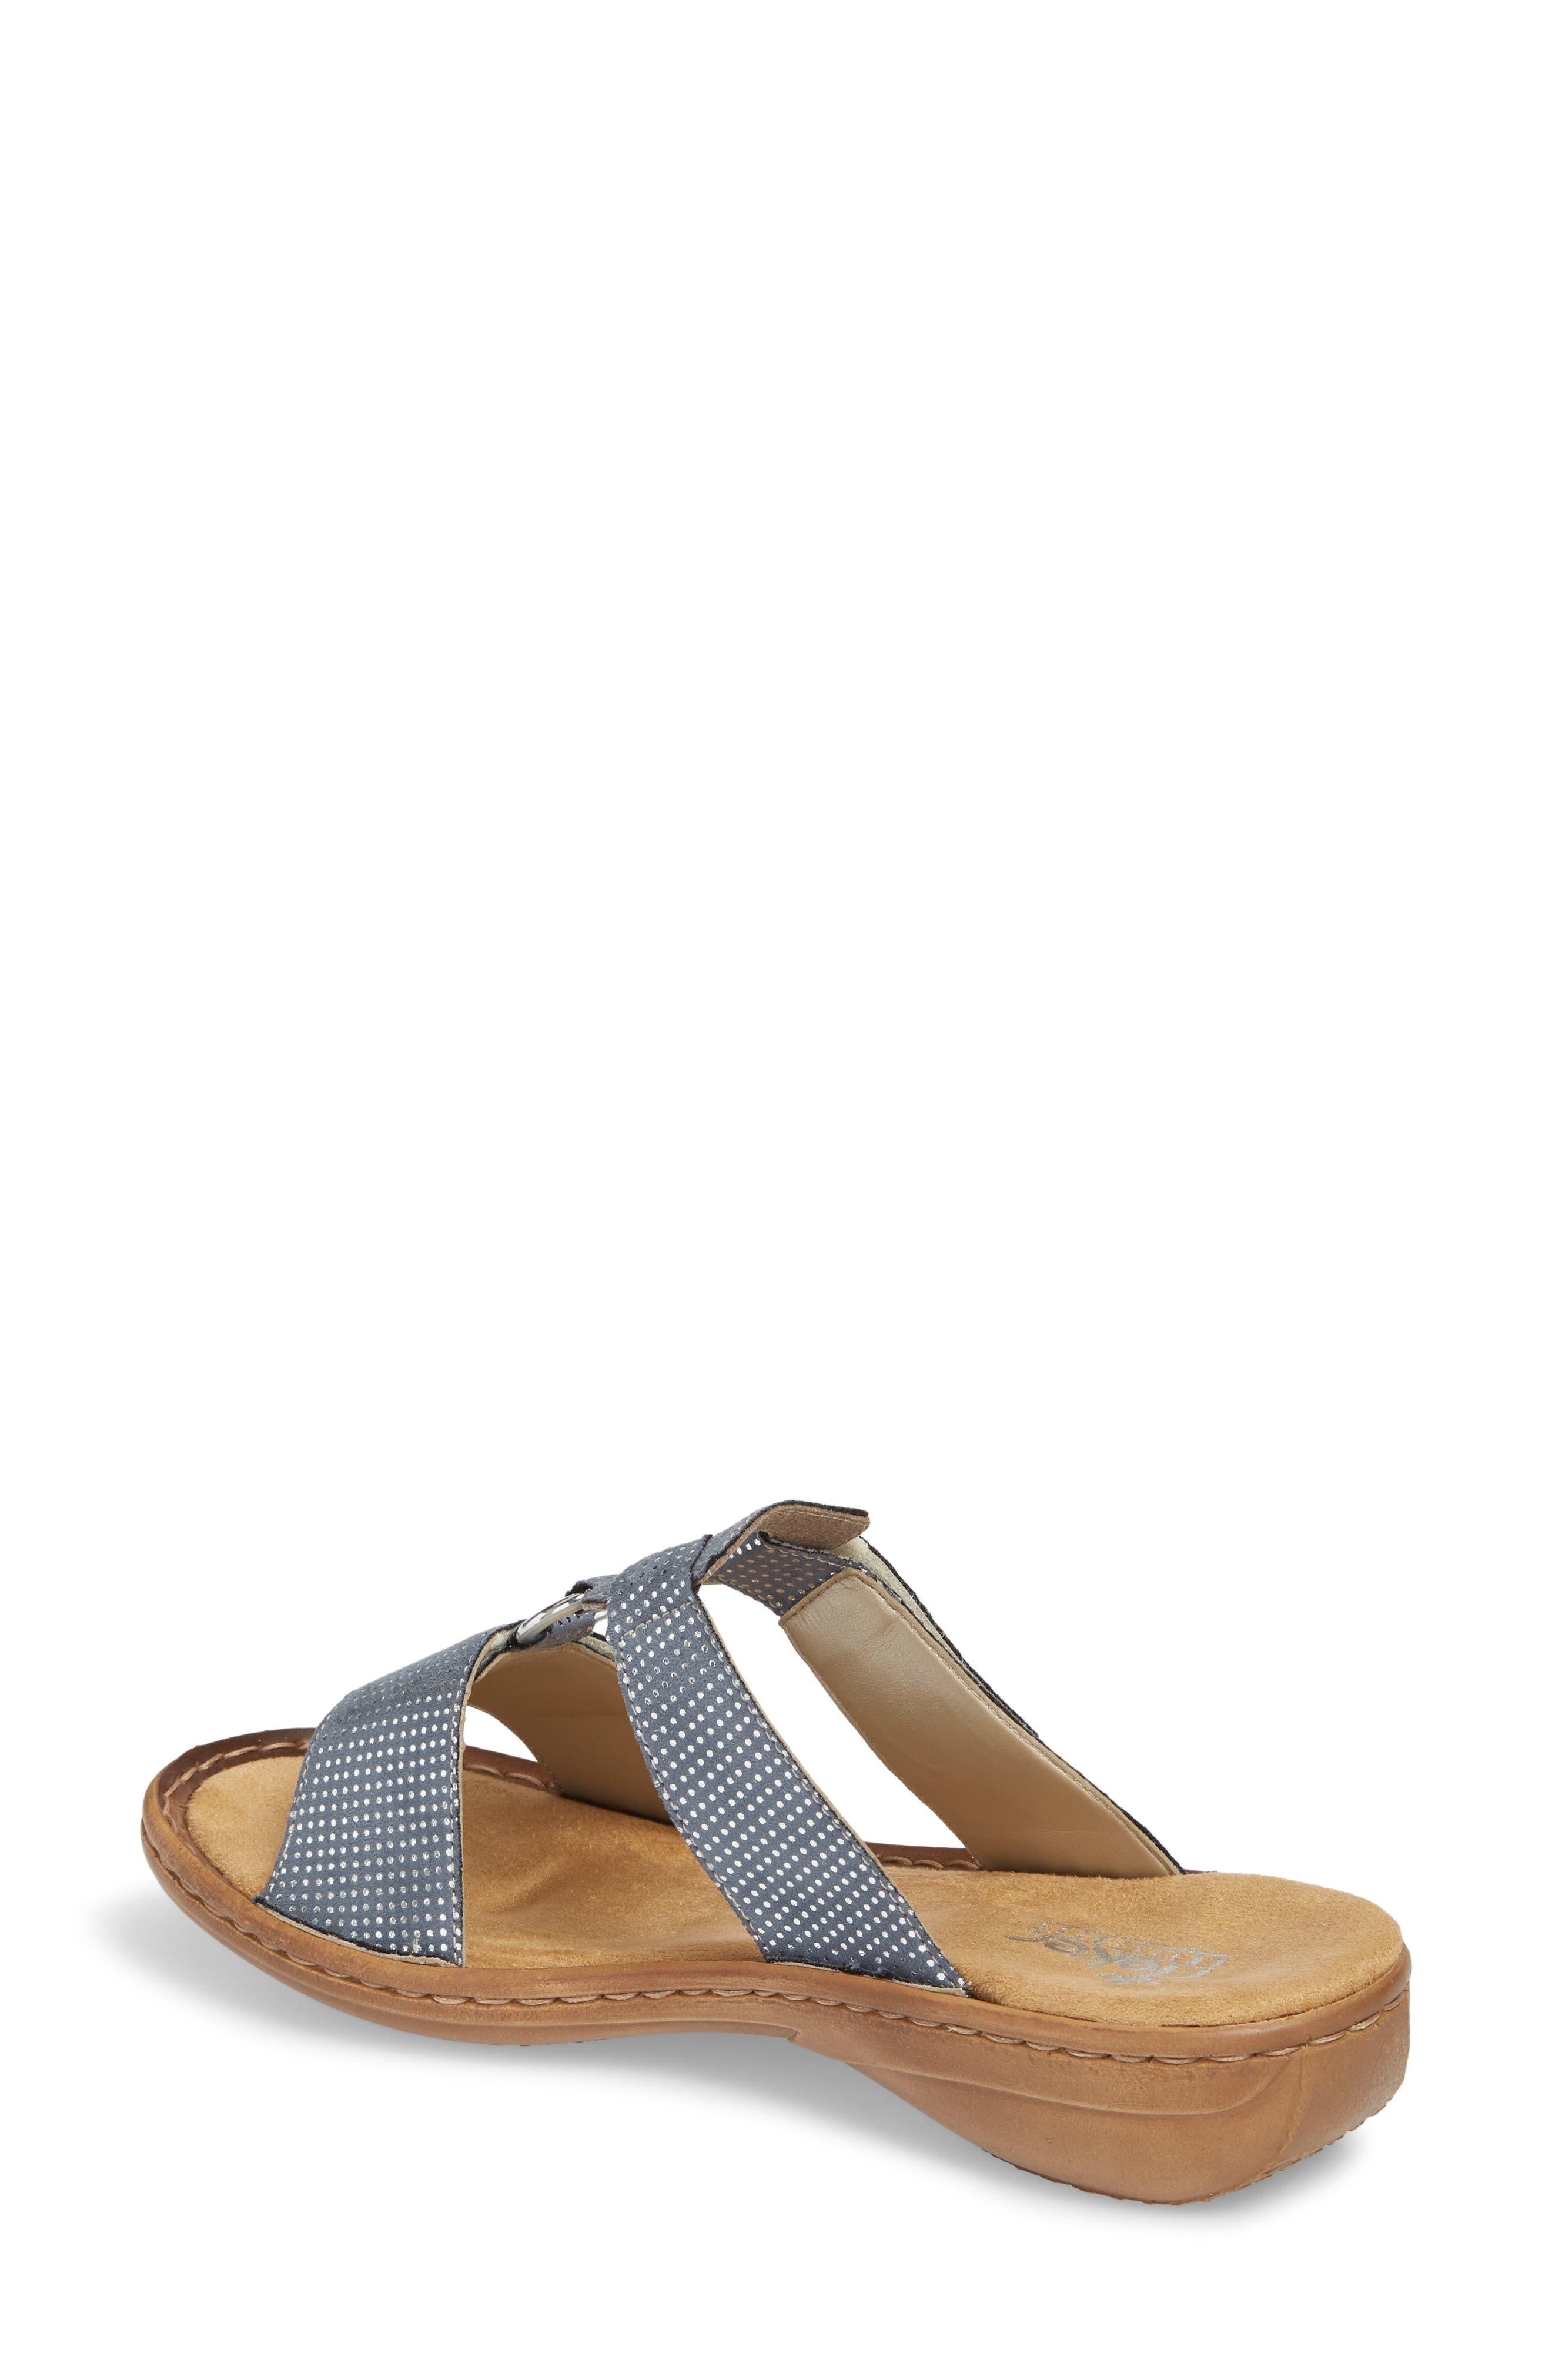 Regina P9 Slide Sandal,                             Alternate thumbnail 2, color,                             White Denim Fabric